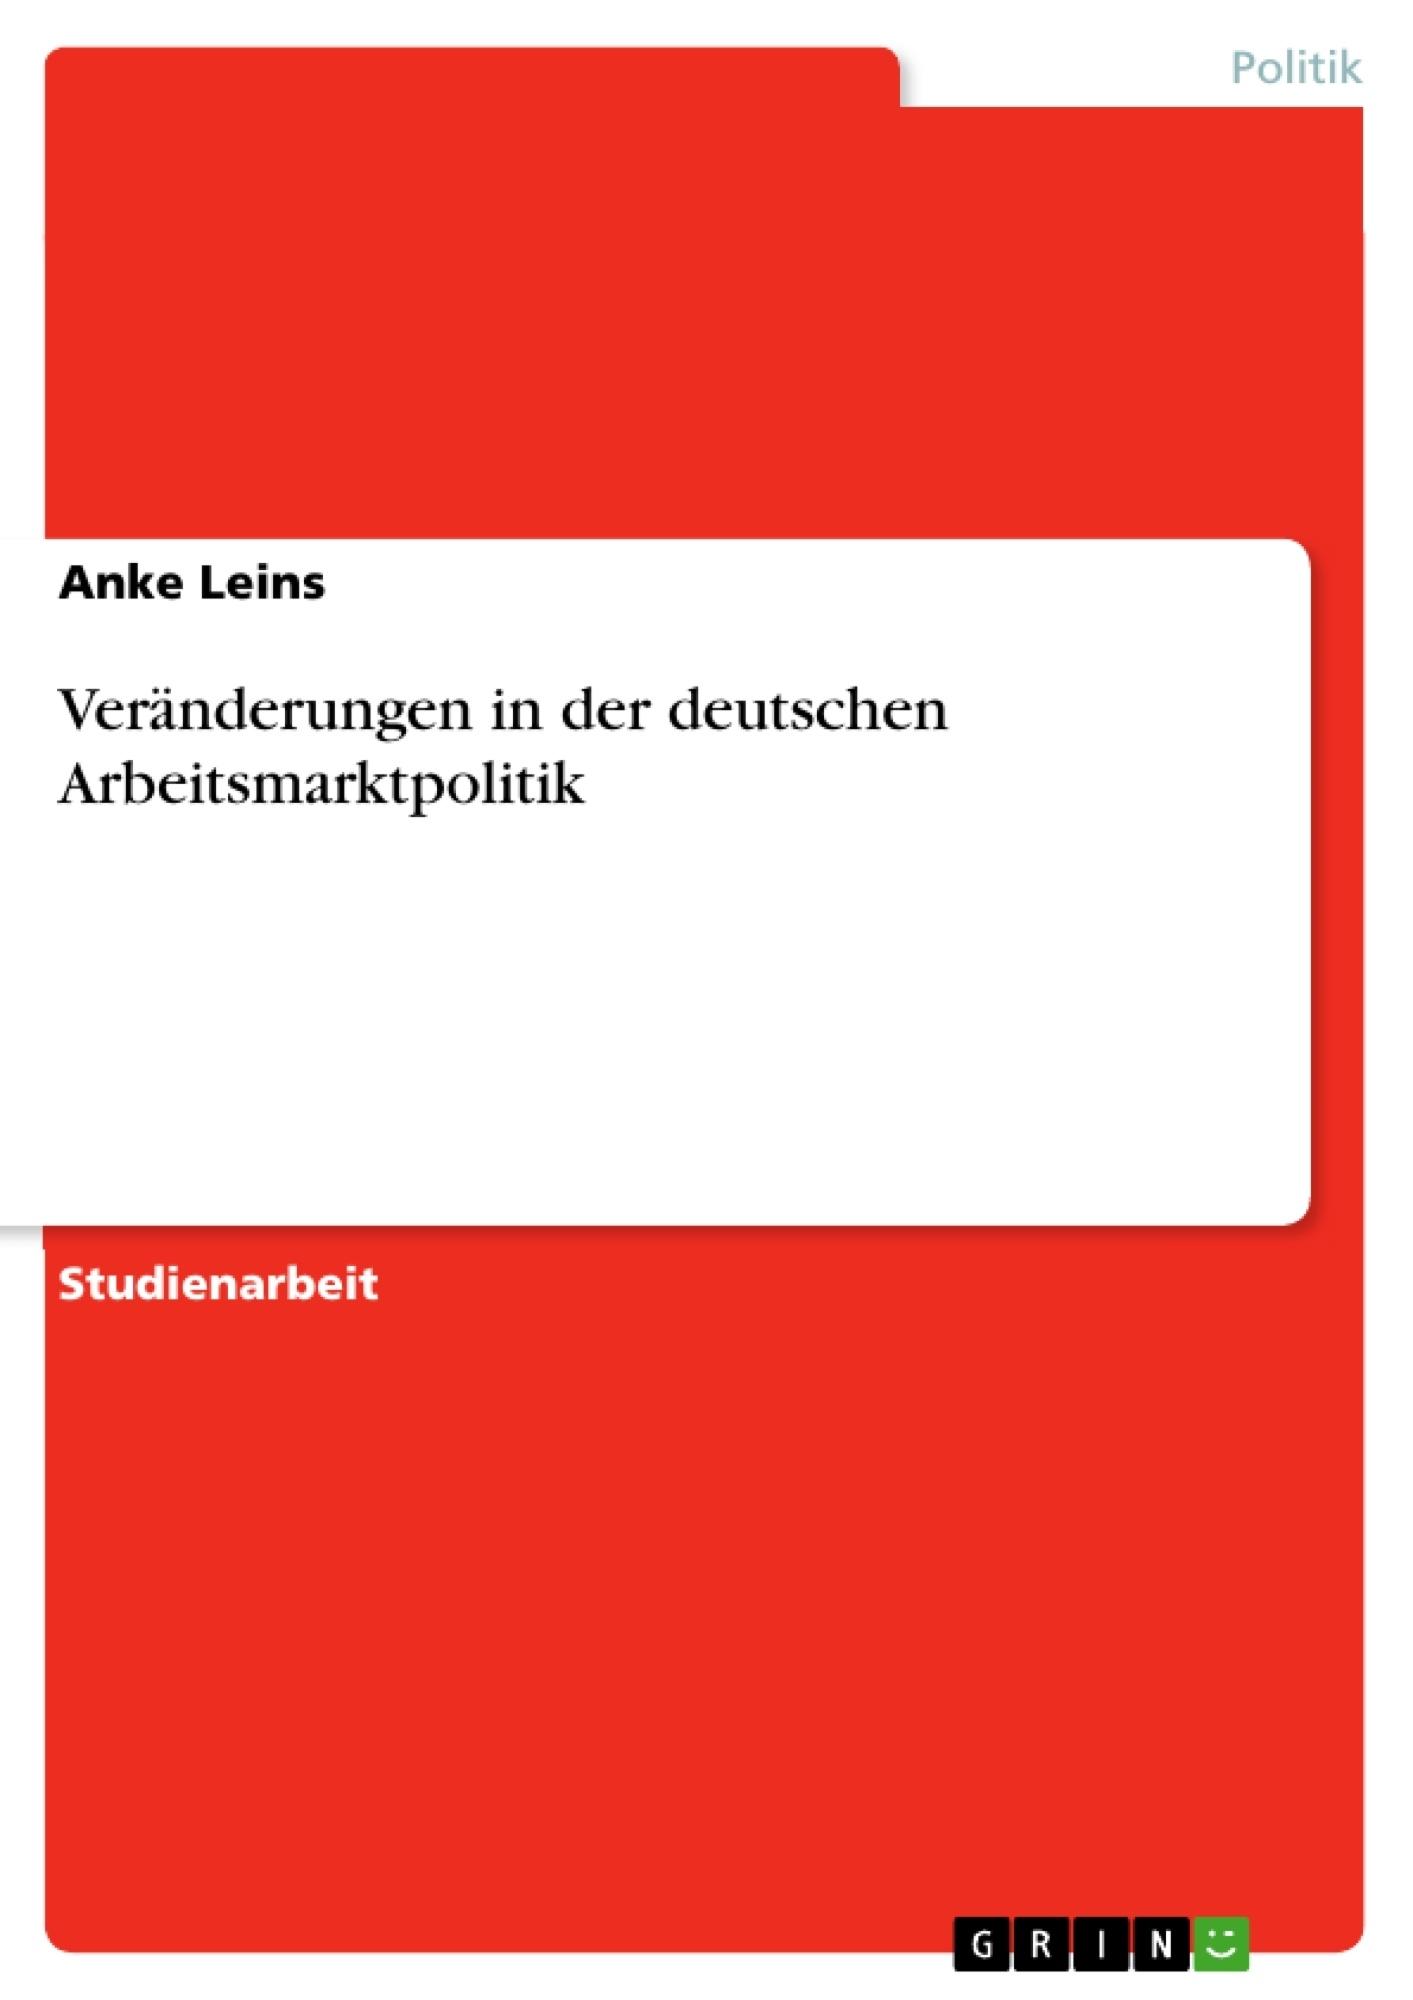 Titel: Veränderungen in der deutschen Arbeitsmarktpolitik